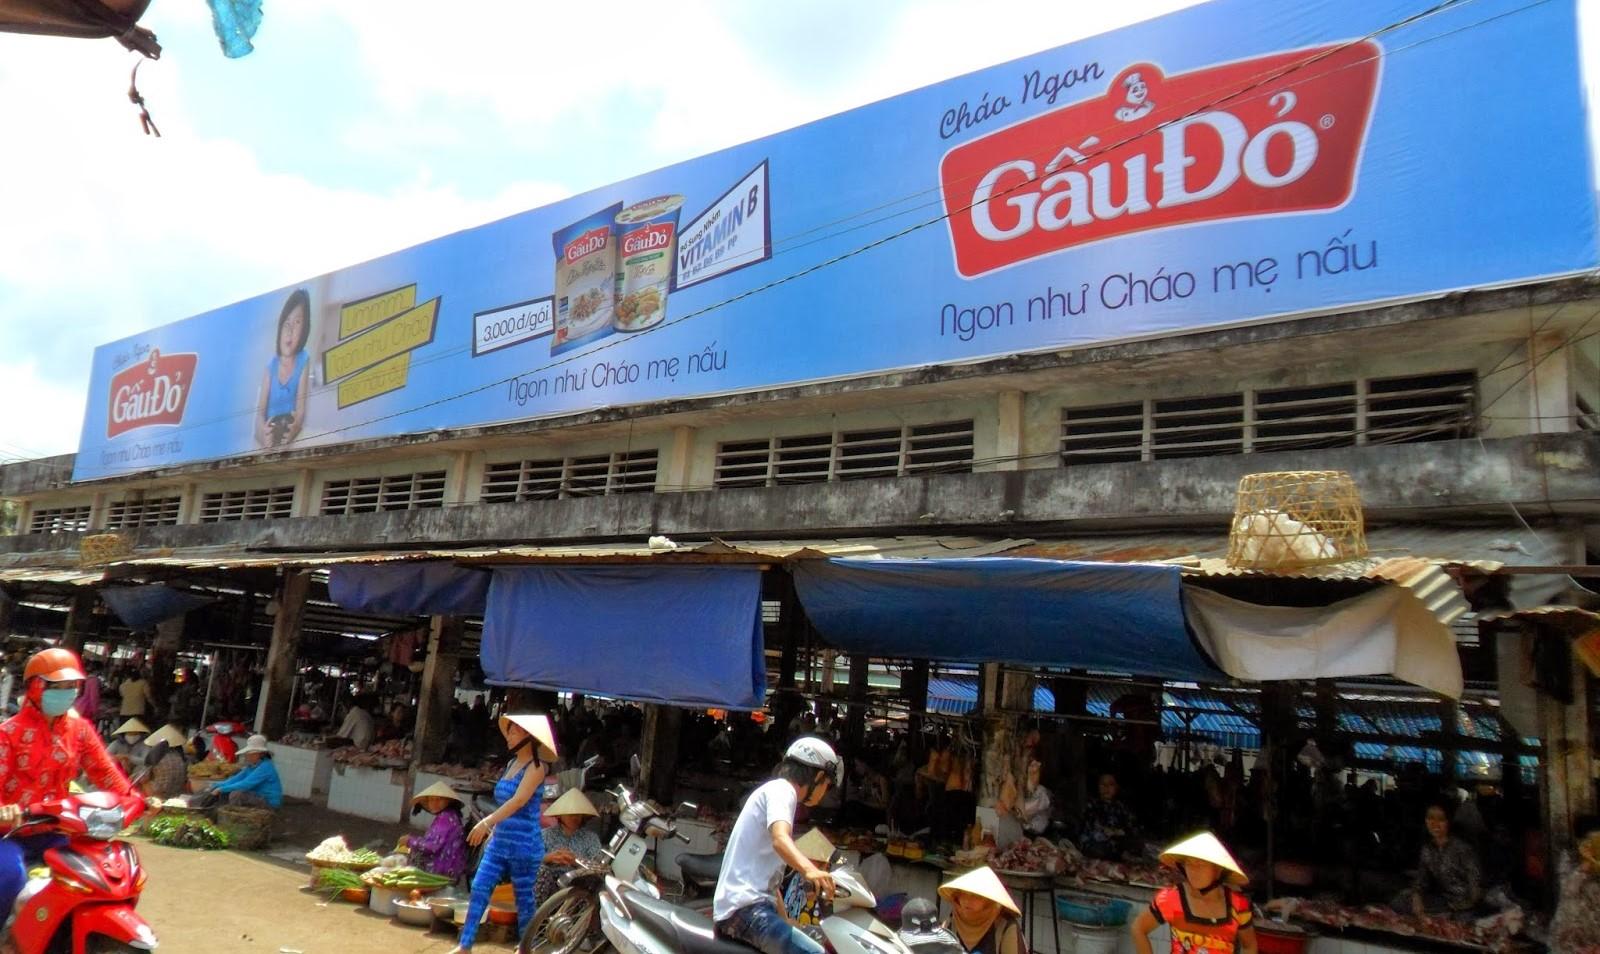 Quảng cáo biển bảng cổng chợ